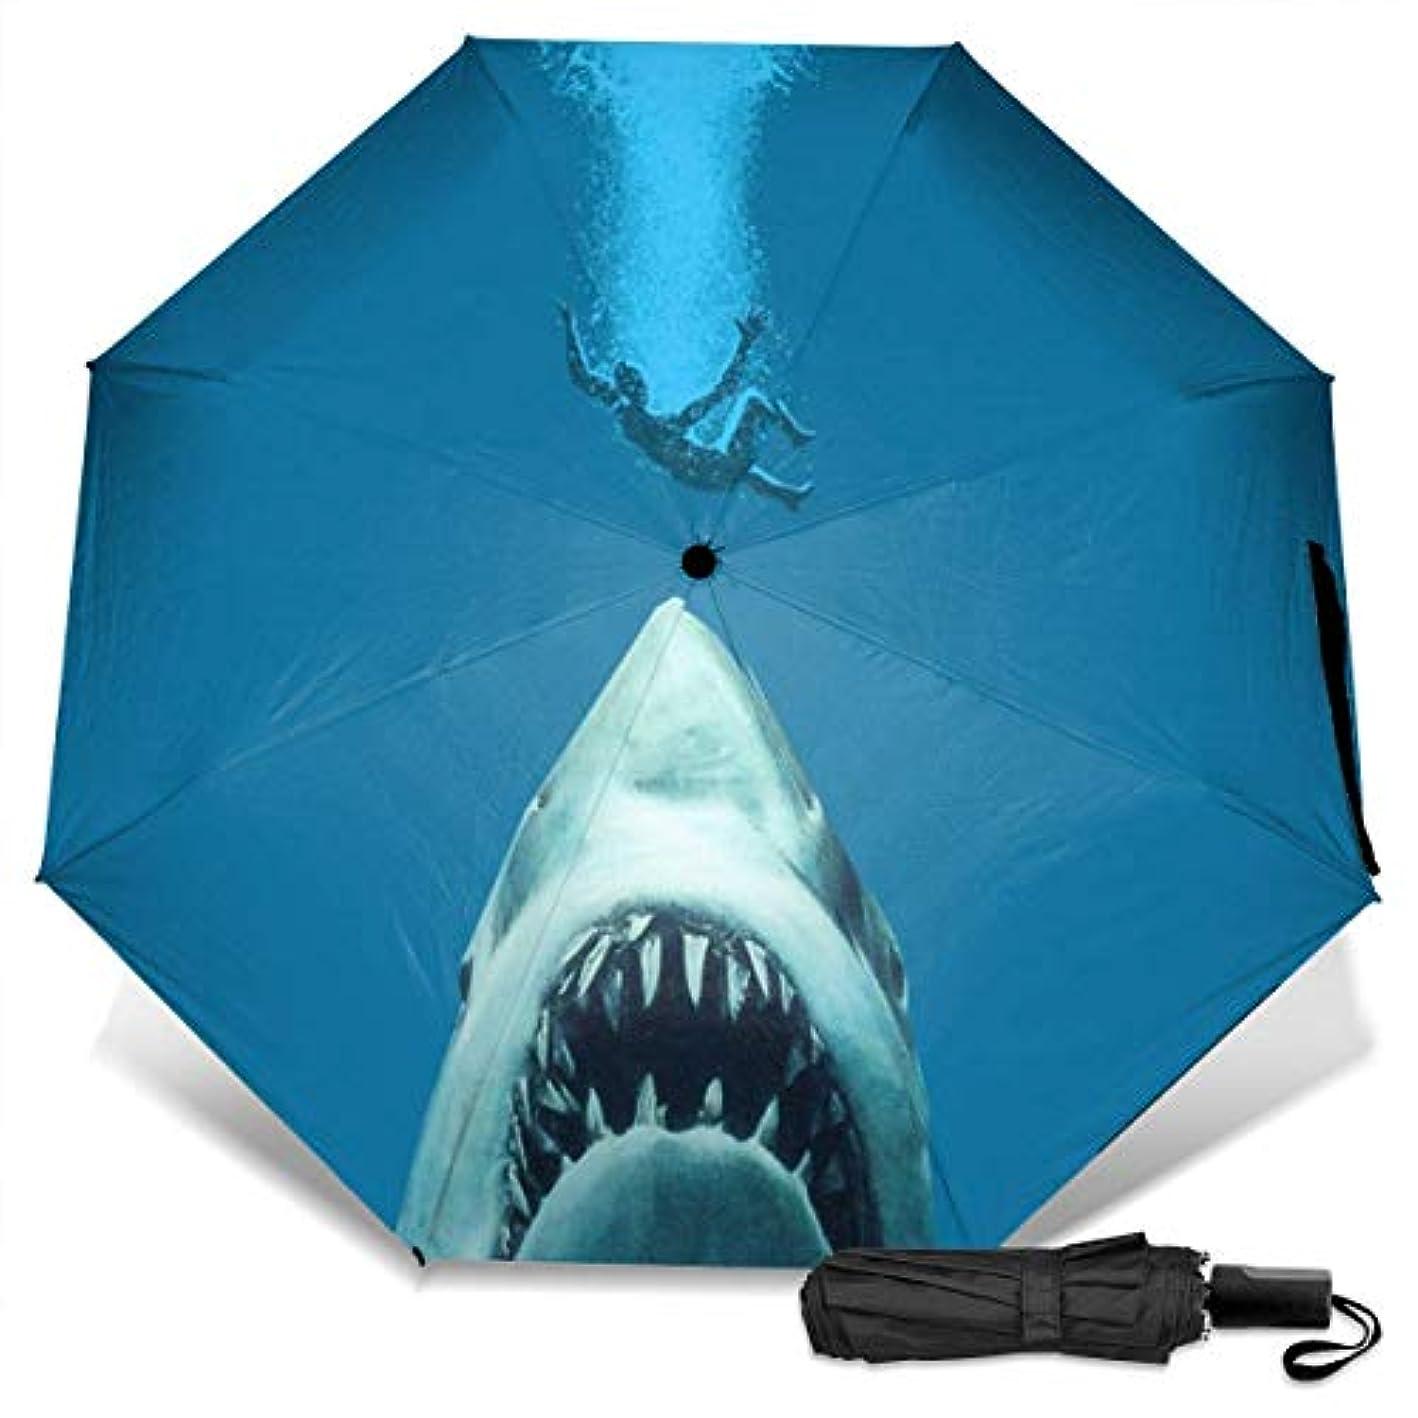 半球支出傷跡特別なサメの顎パターン折りたたみ傘 軽量 手動三つ折り傘 日傘 耐風撥水 晴雨兼用 遮光遮熱 紫外線対策 携帯用かさ 出張旅行通勤 女性と男性用 (黒ゴム)